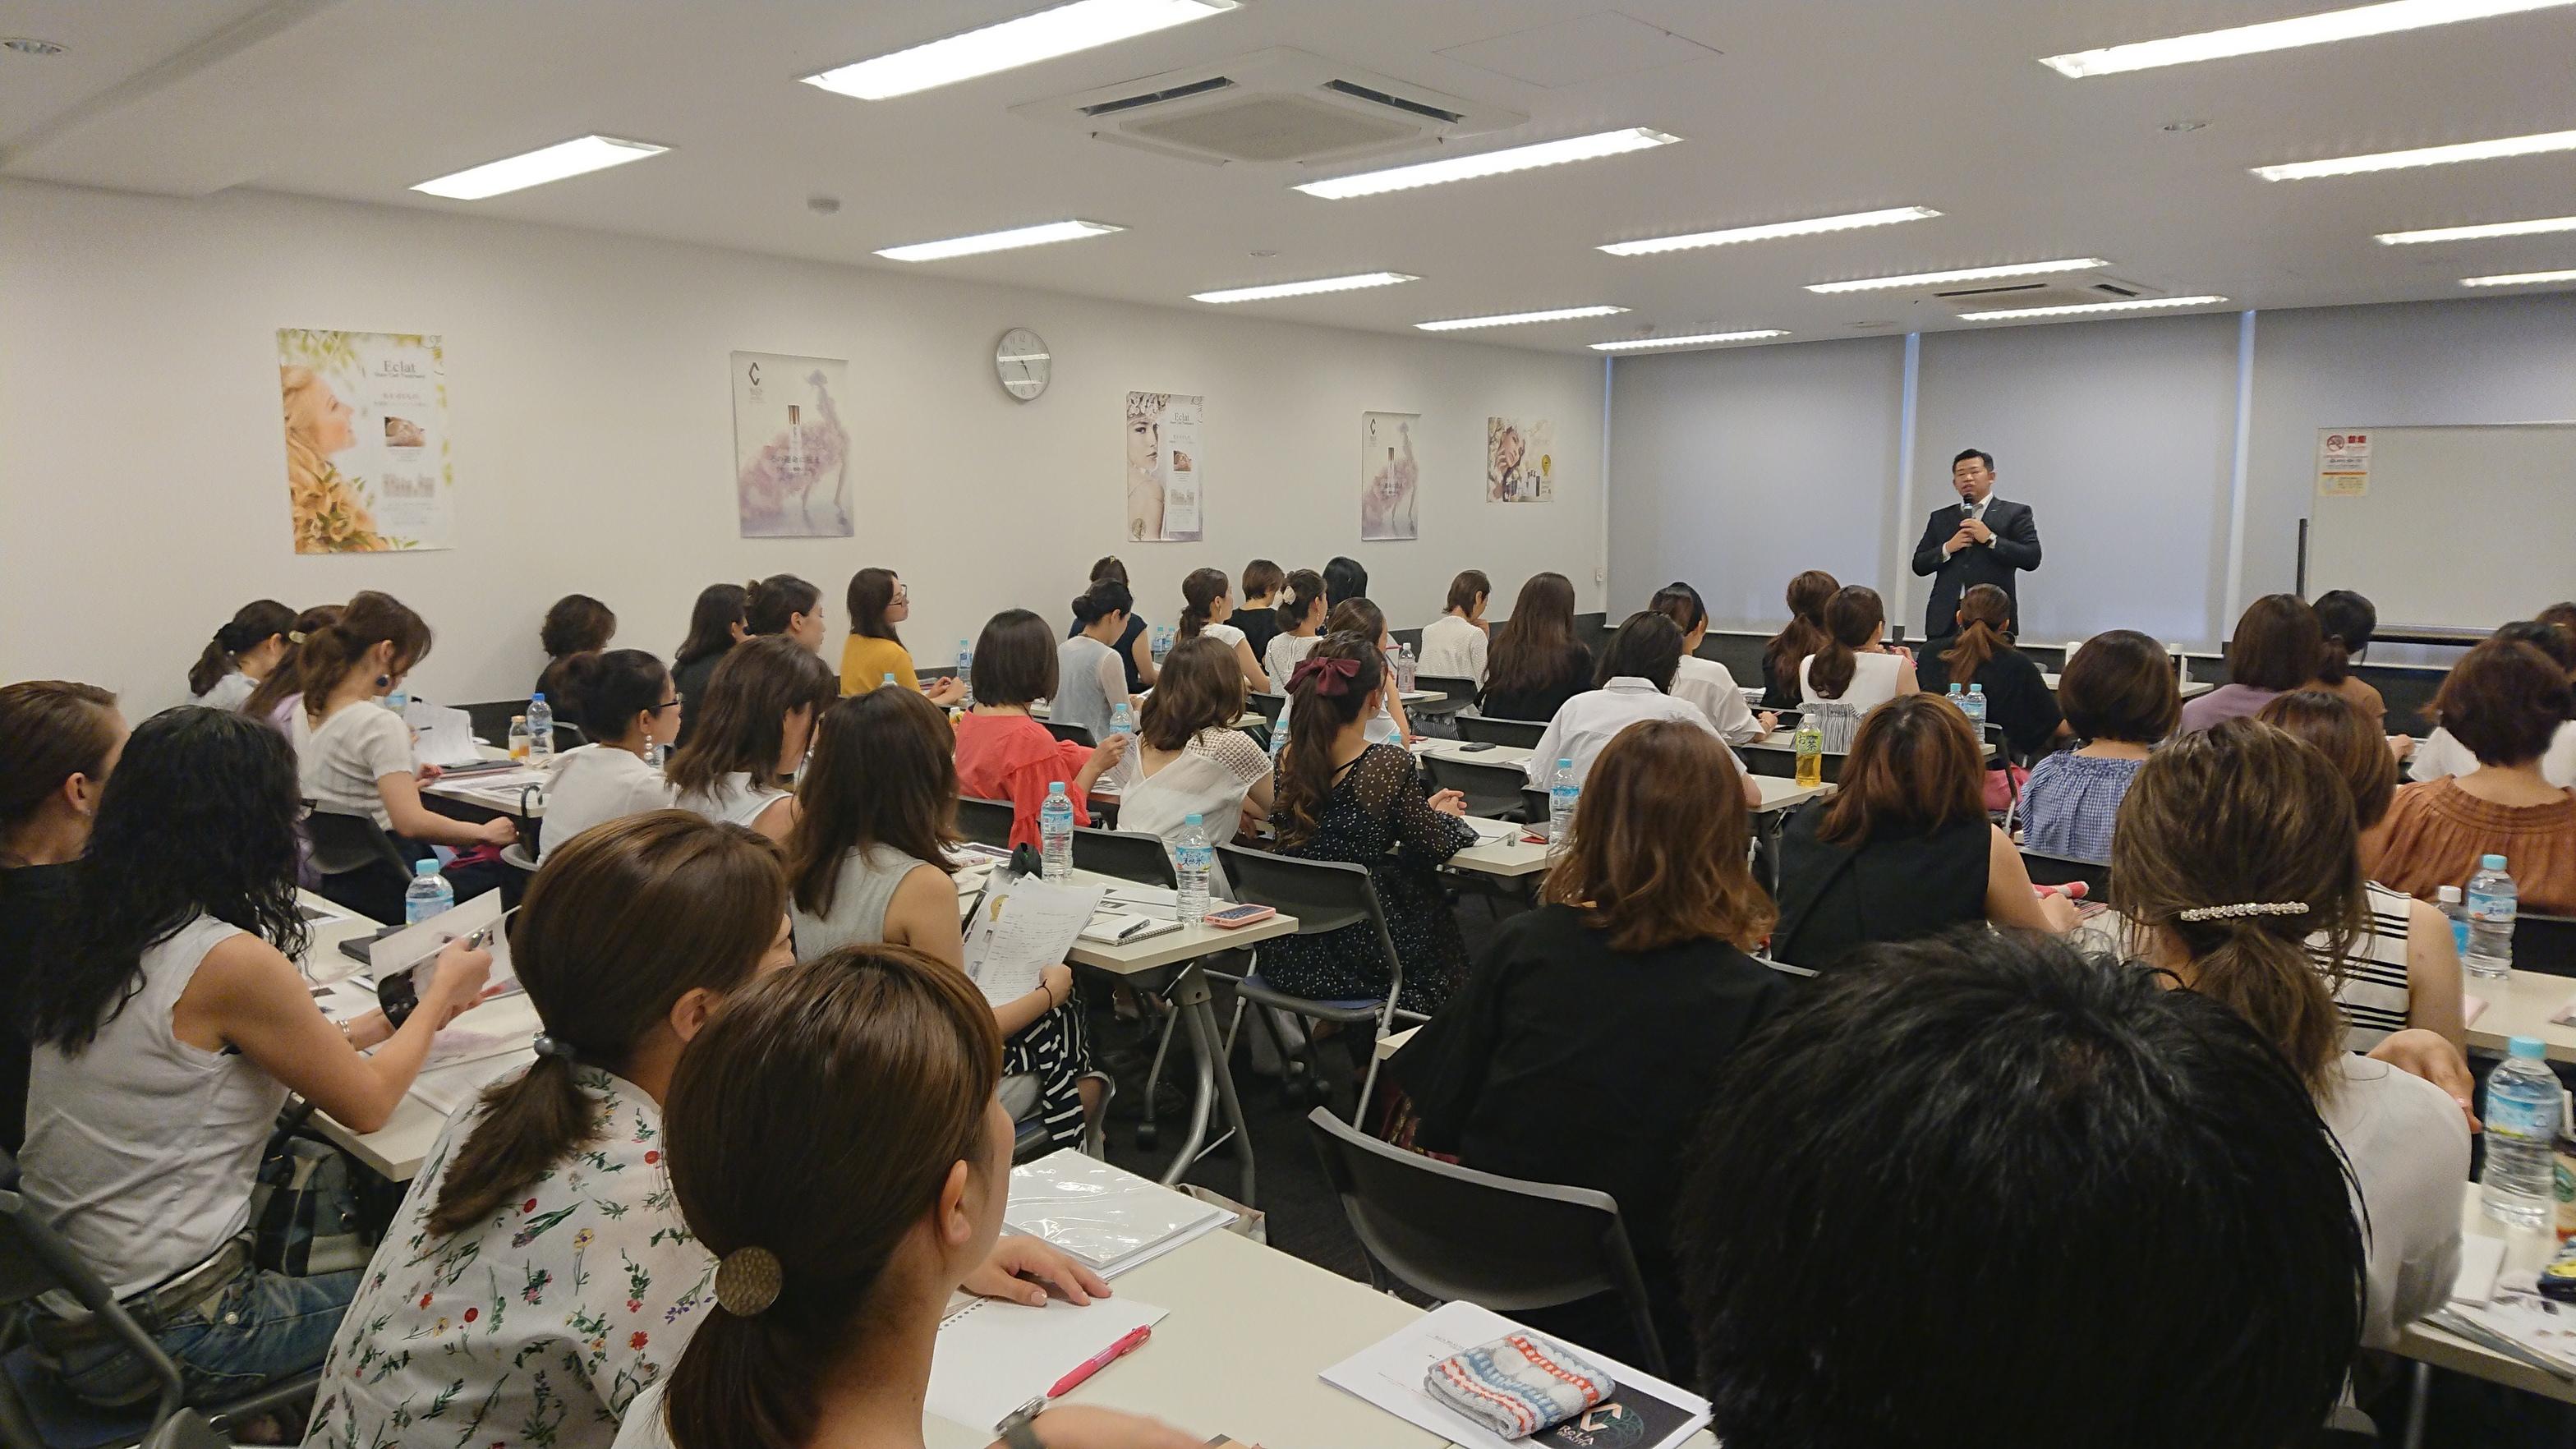 【満員御礼】ACトリートメント名古屋講習会